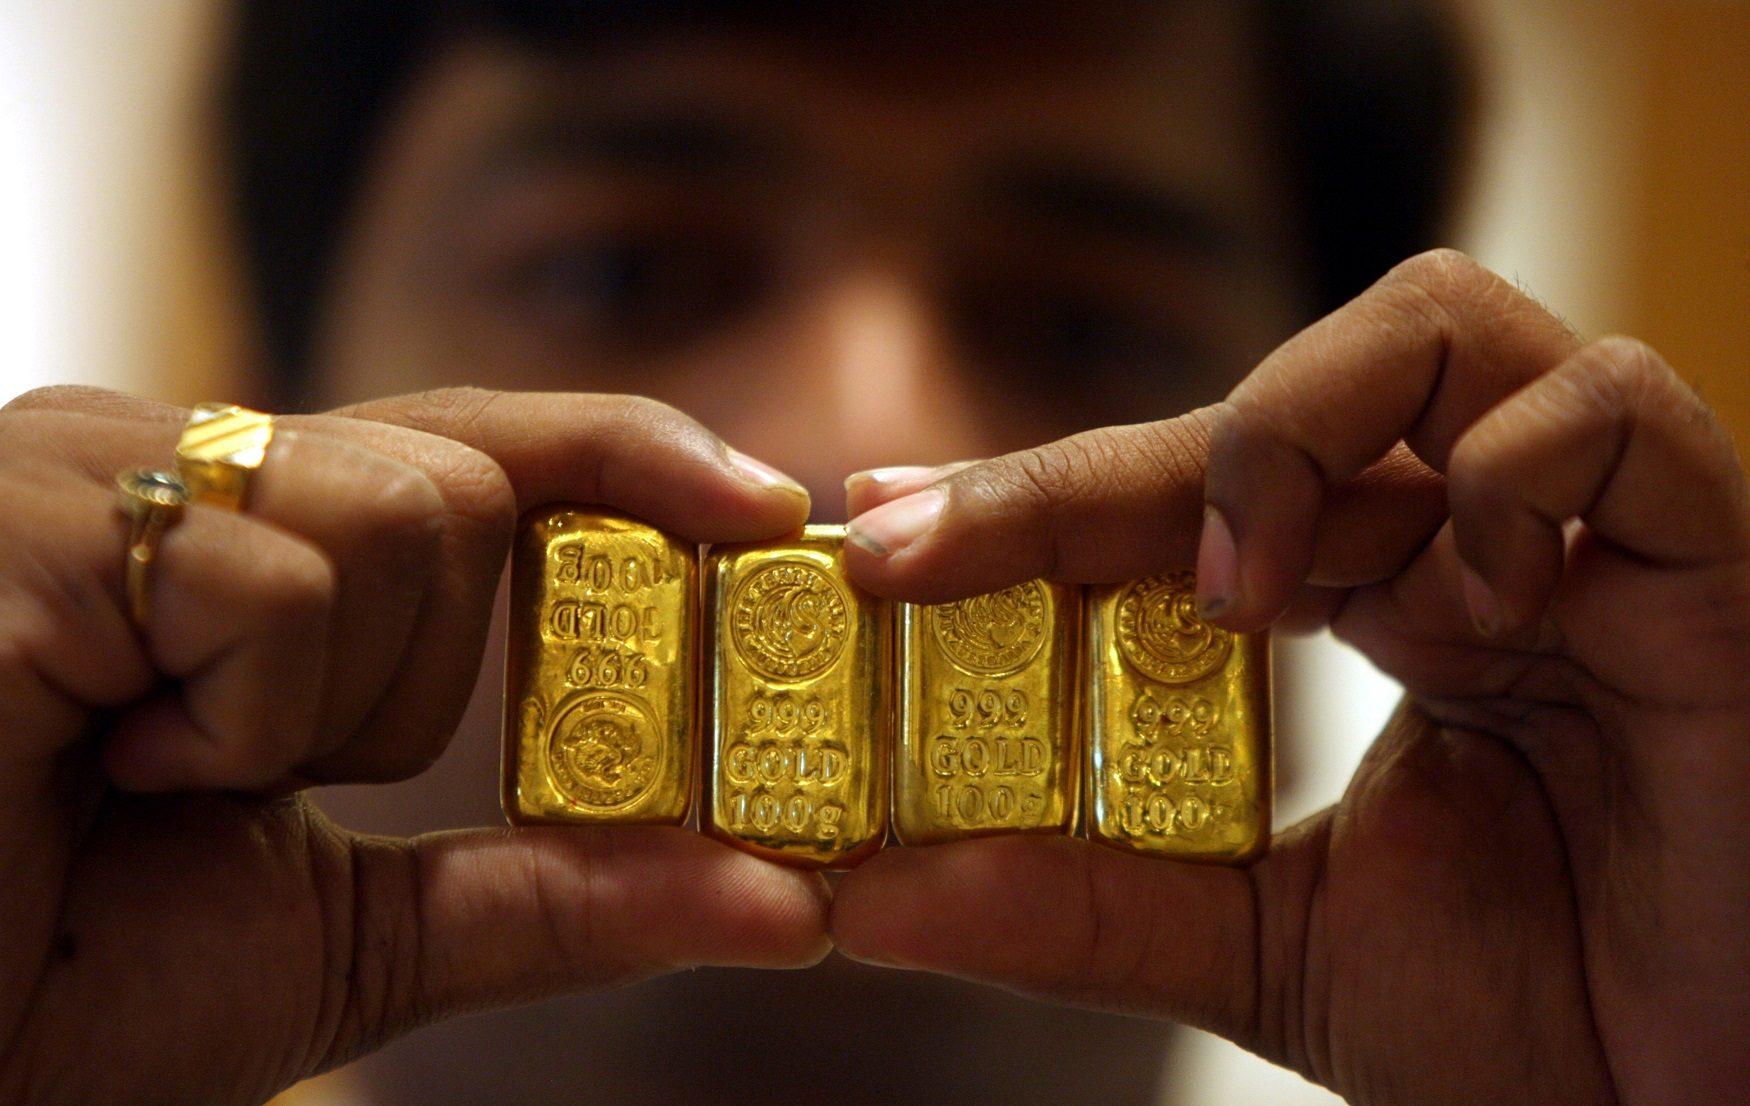 คาด การระบาดของ โควิด-19 ทำทองคำพุ่งถึง3พันดอลล์/ออนซ์